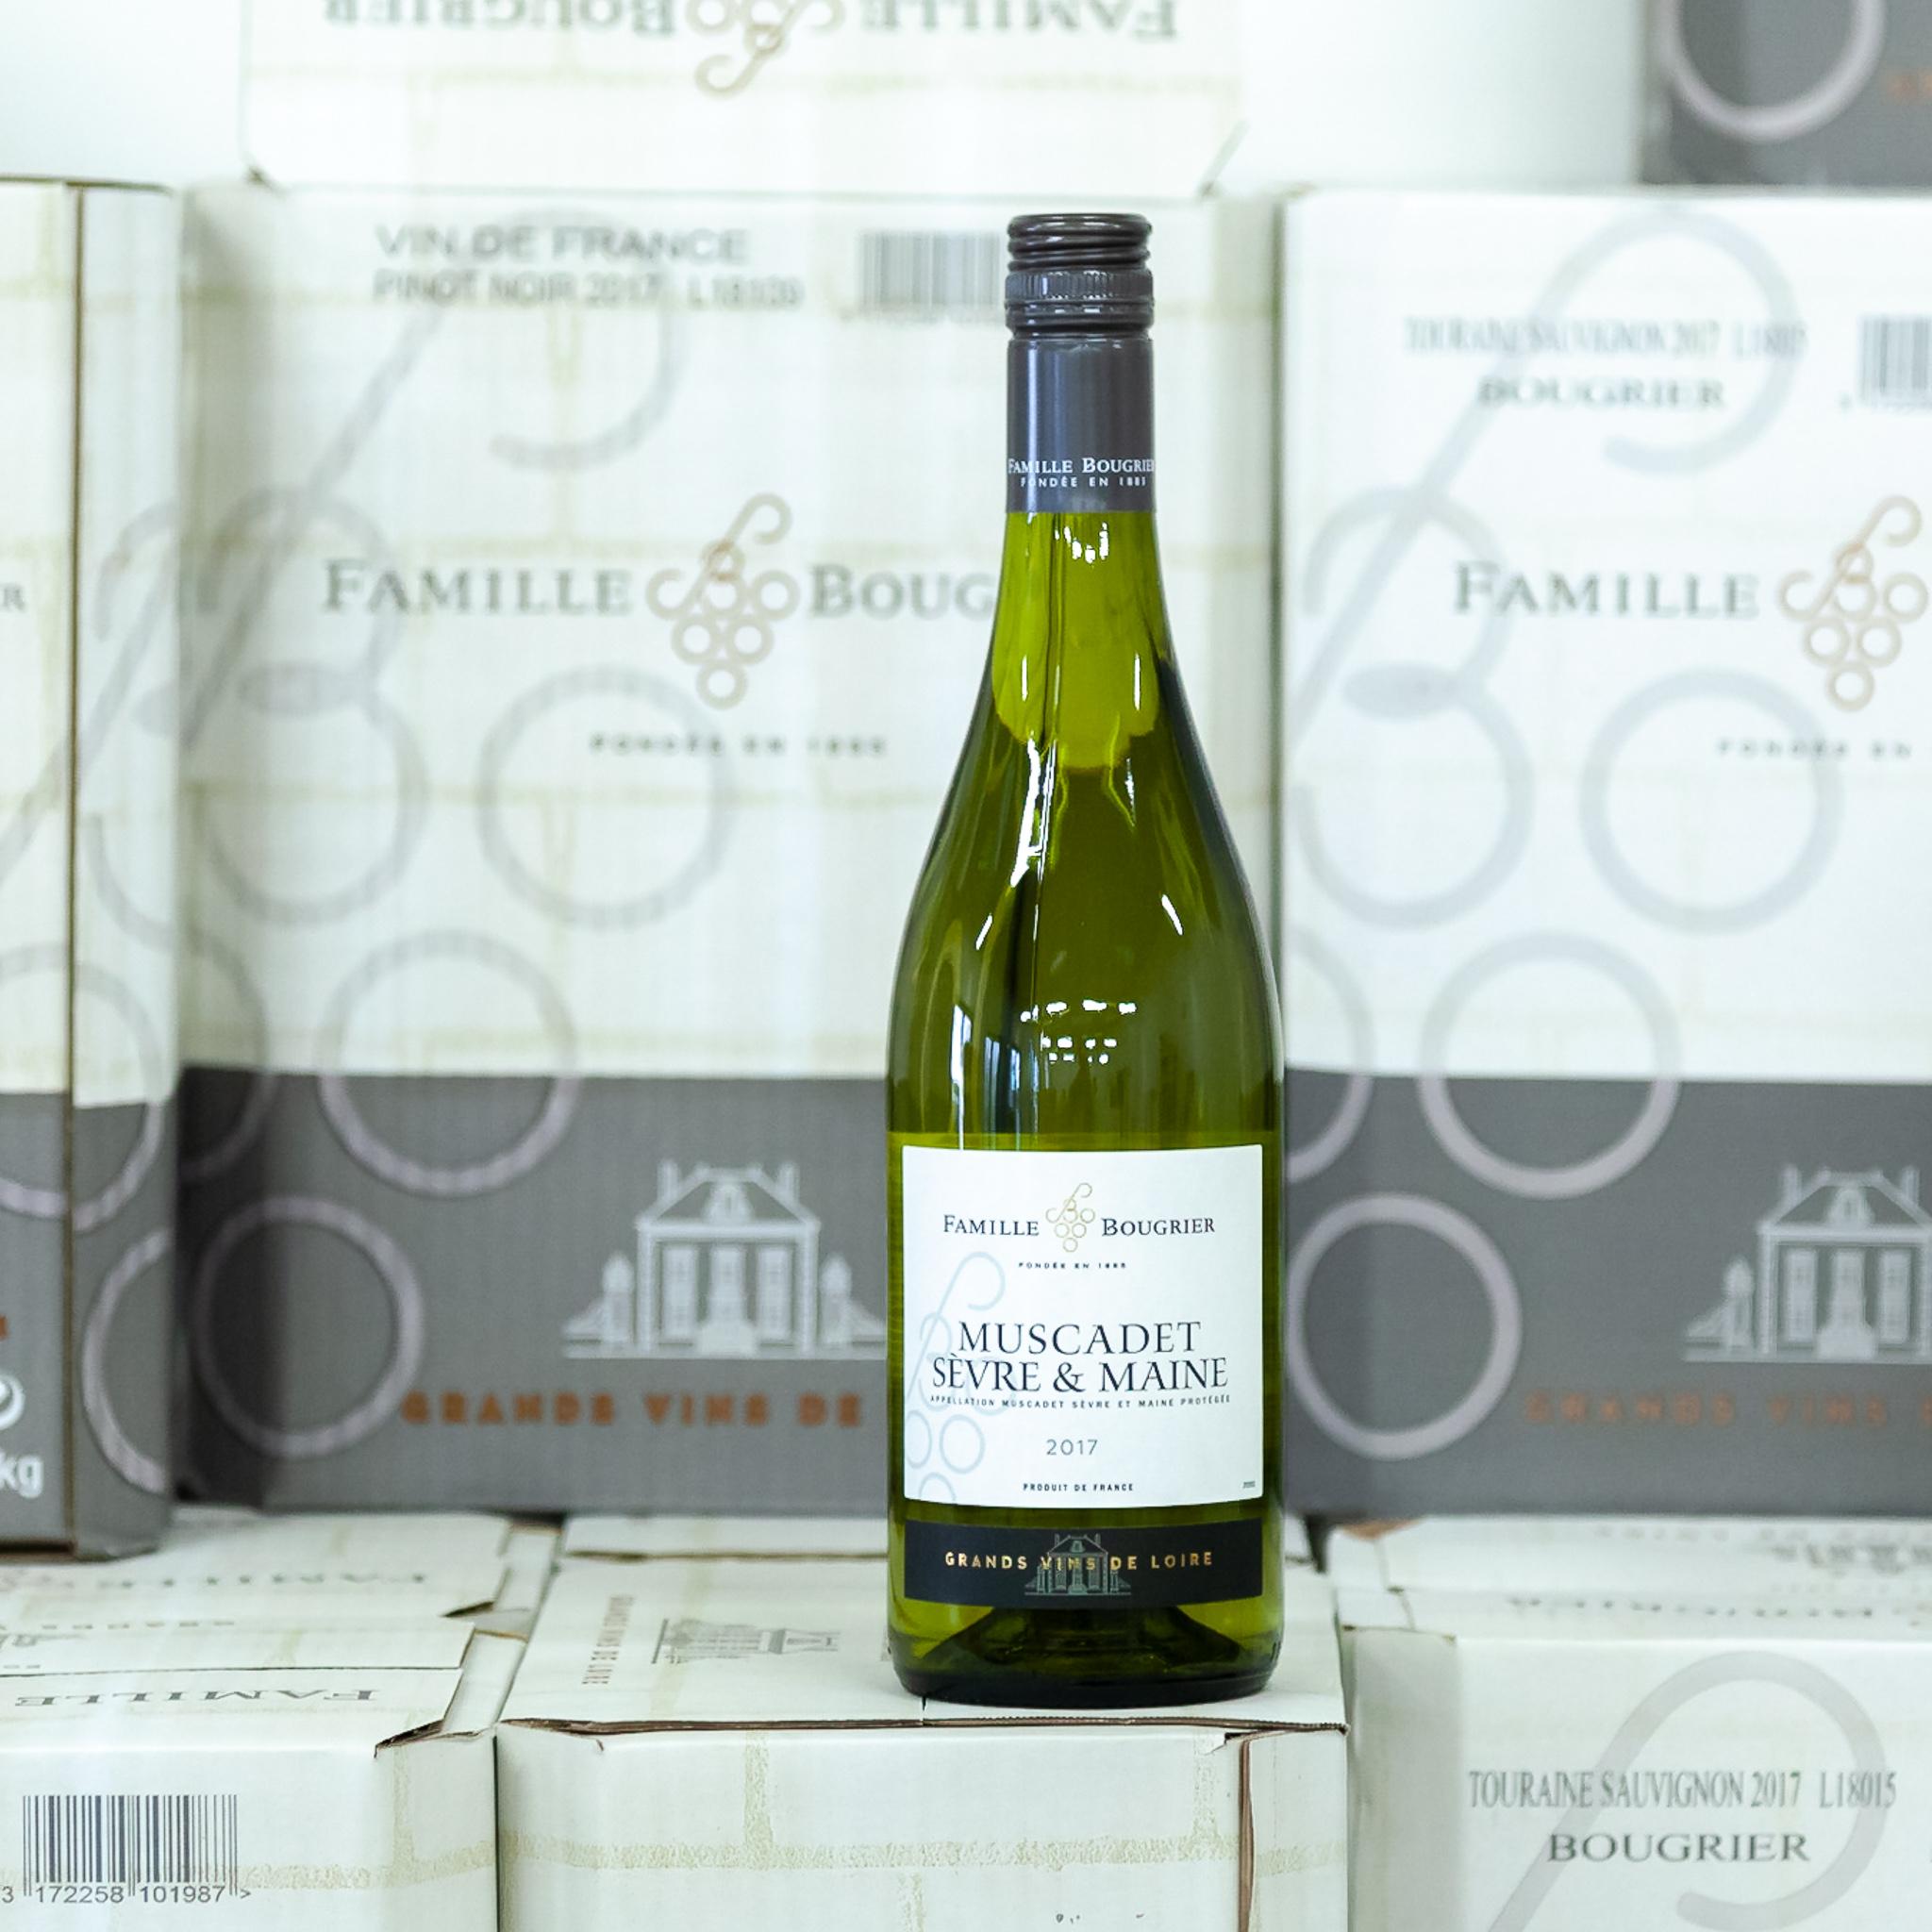 Muscadet Sèvre et Maine - Muscadet je ideální s mořskými plody. V Paříži je tradicí si vychutnávat ústřice se skleničkou vína Muscadet.